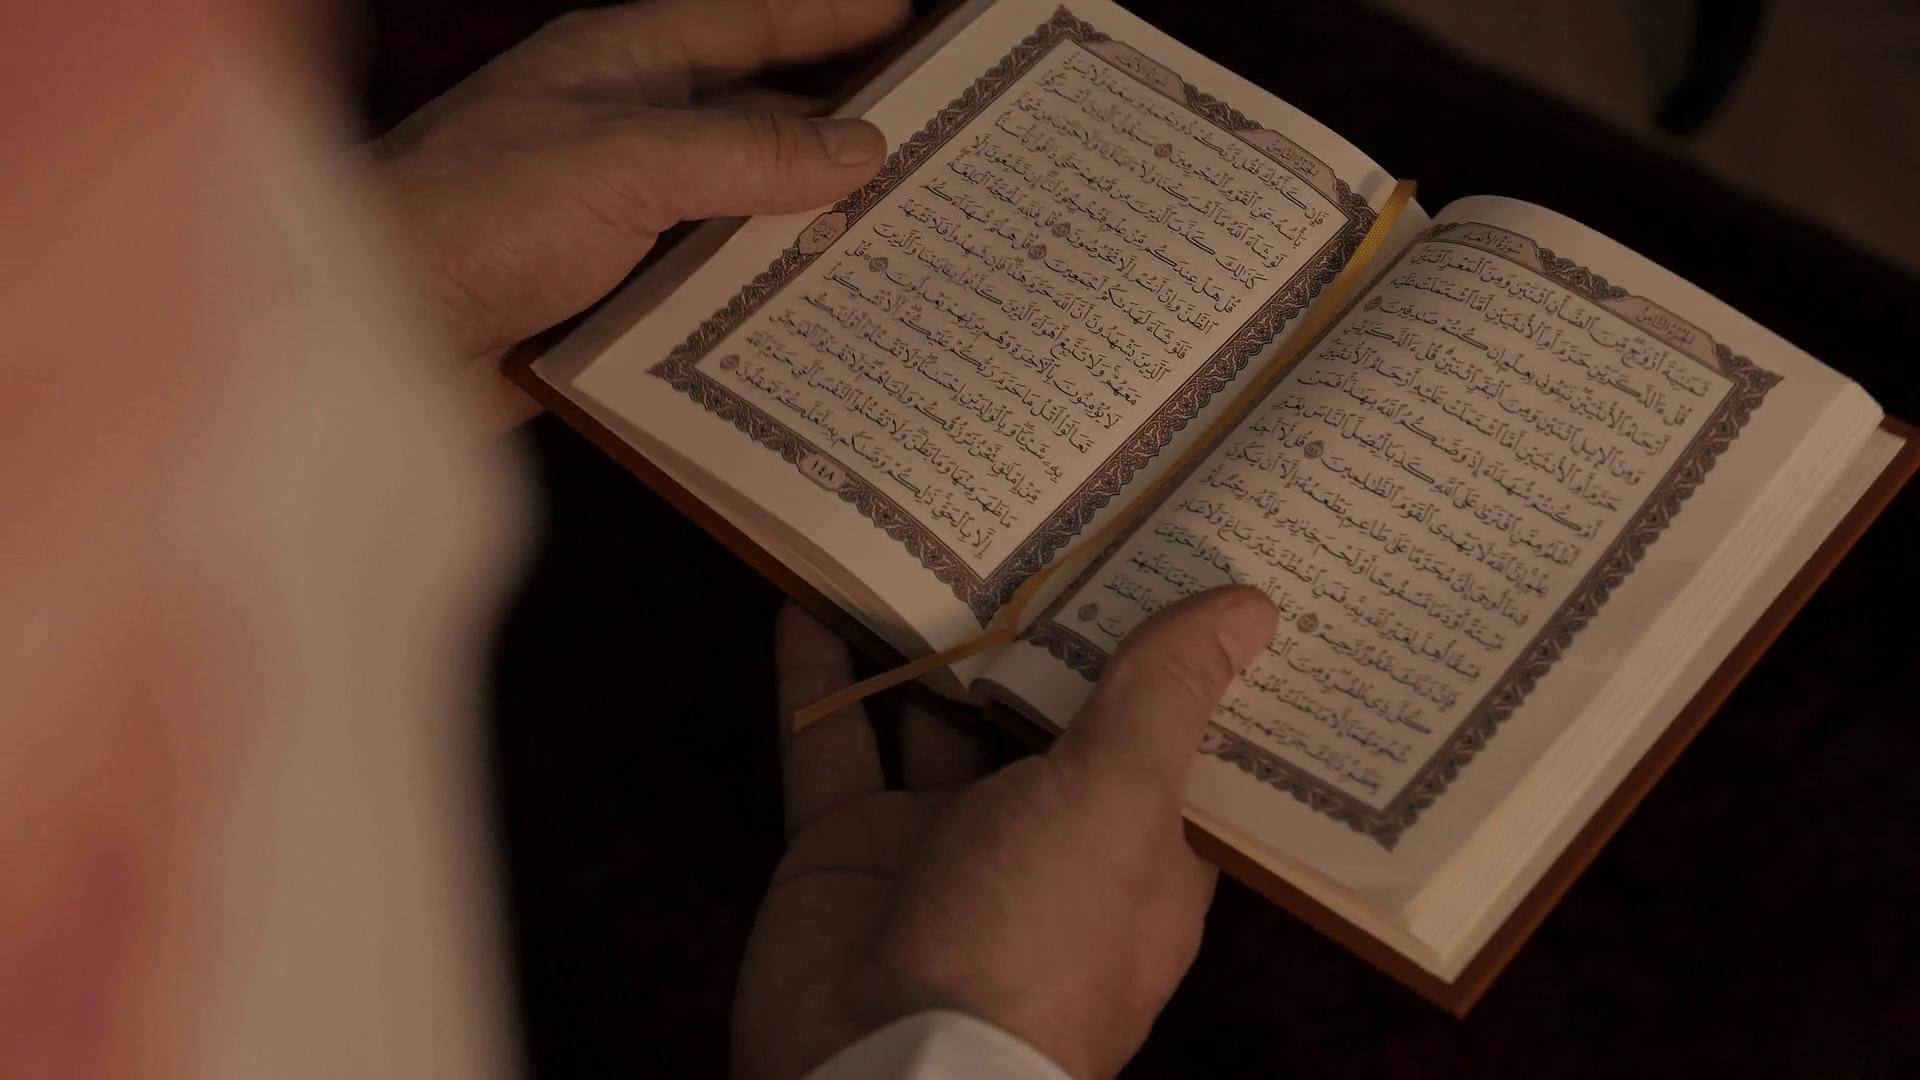 Važnost učenja Kur'ana